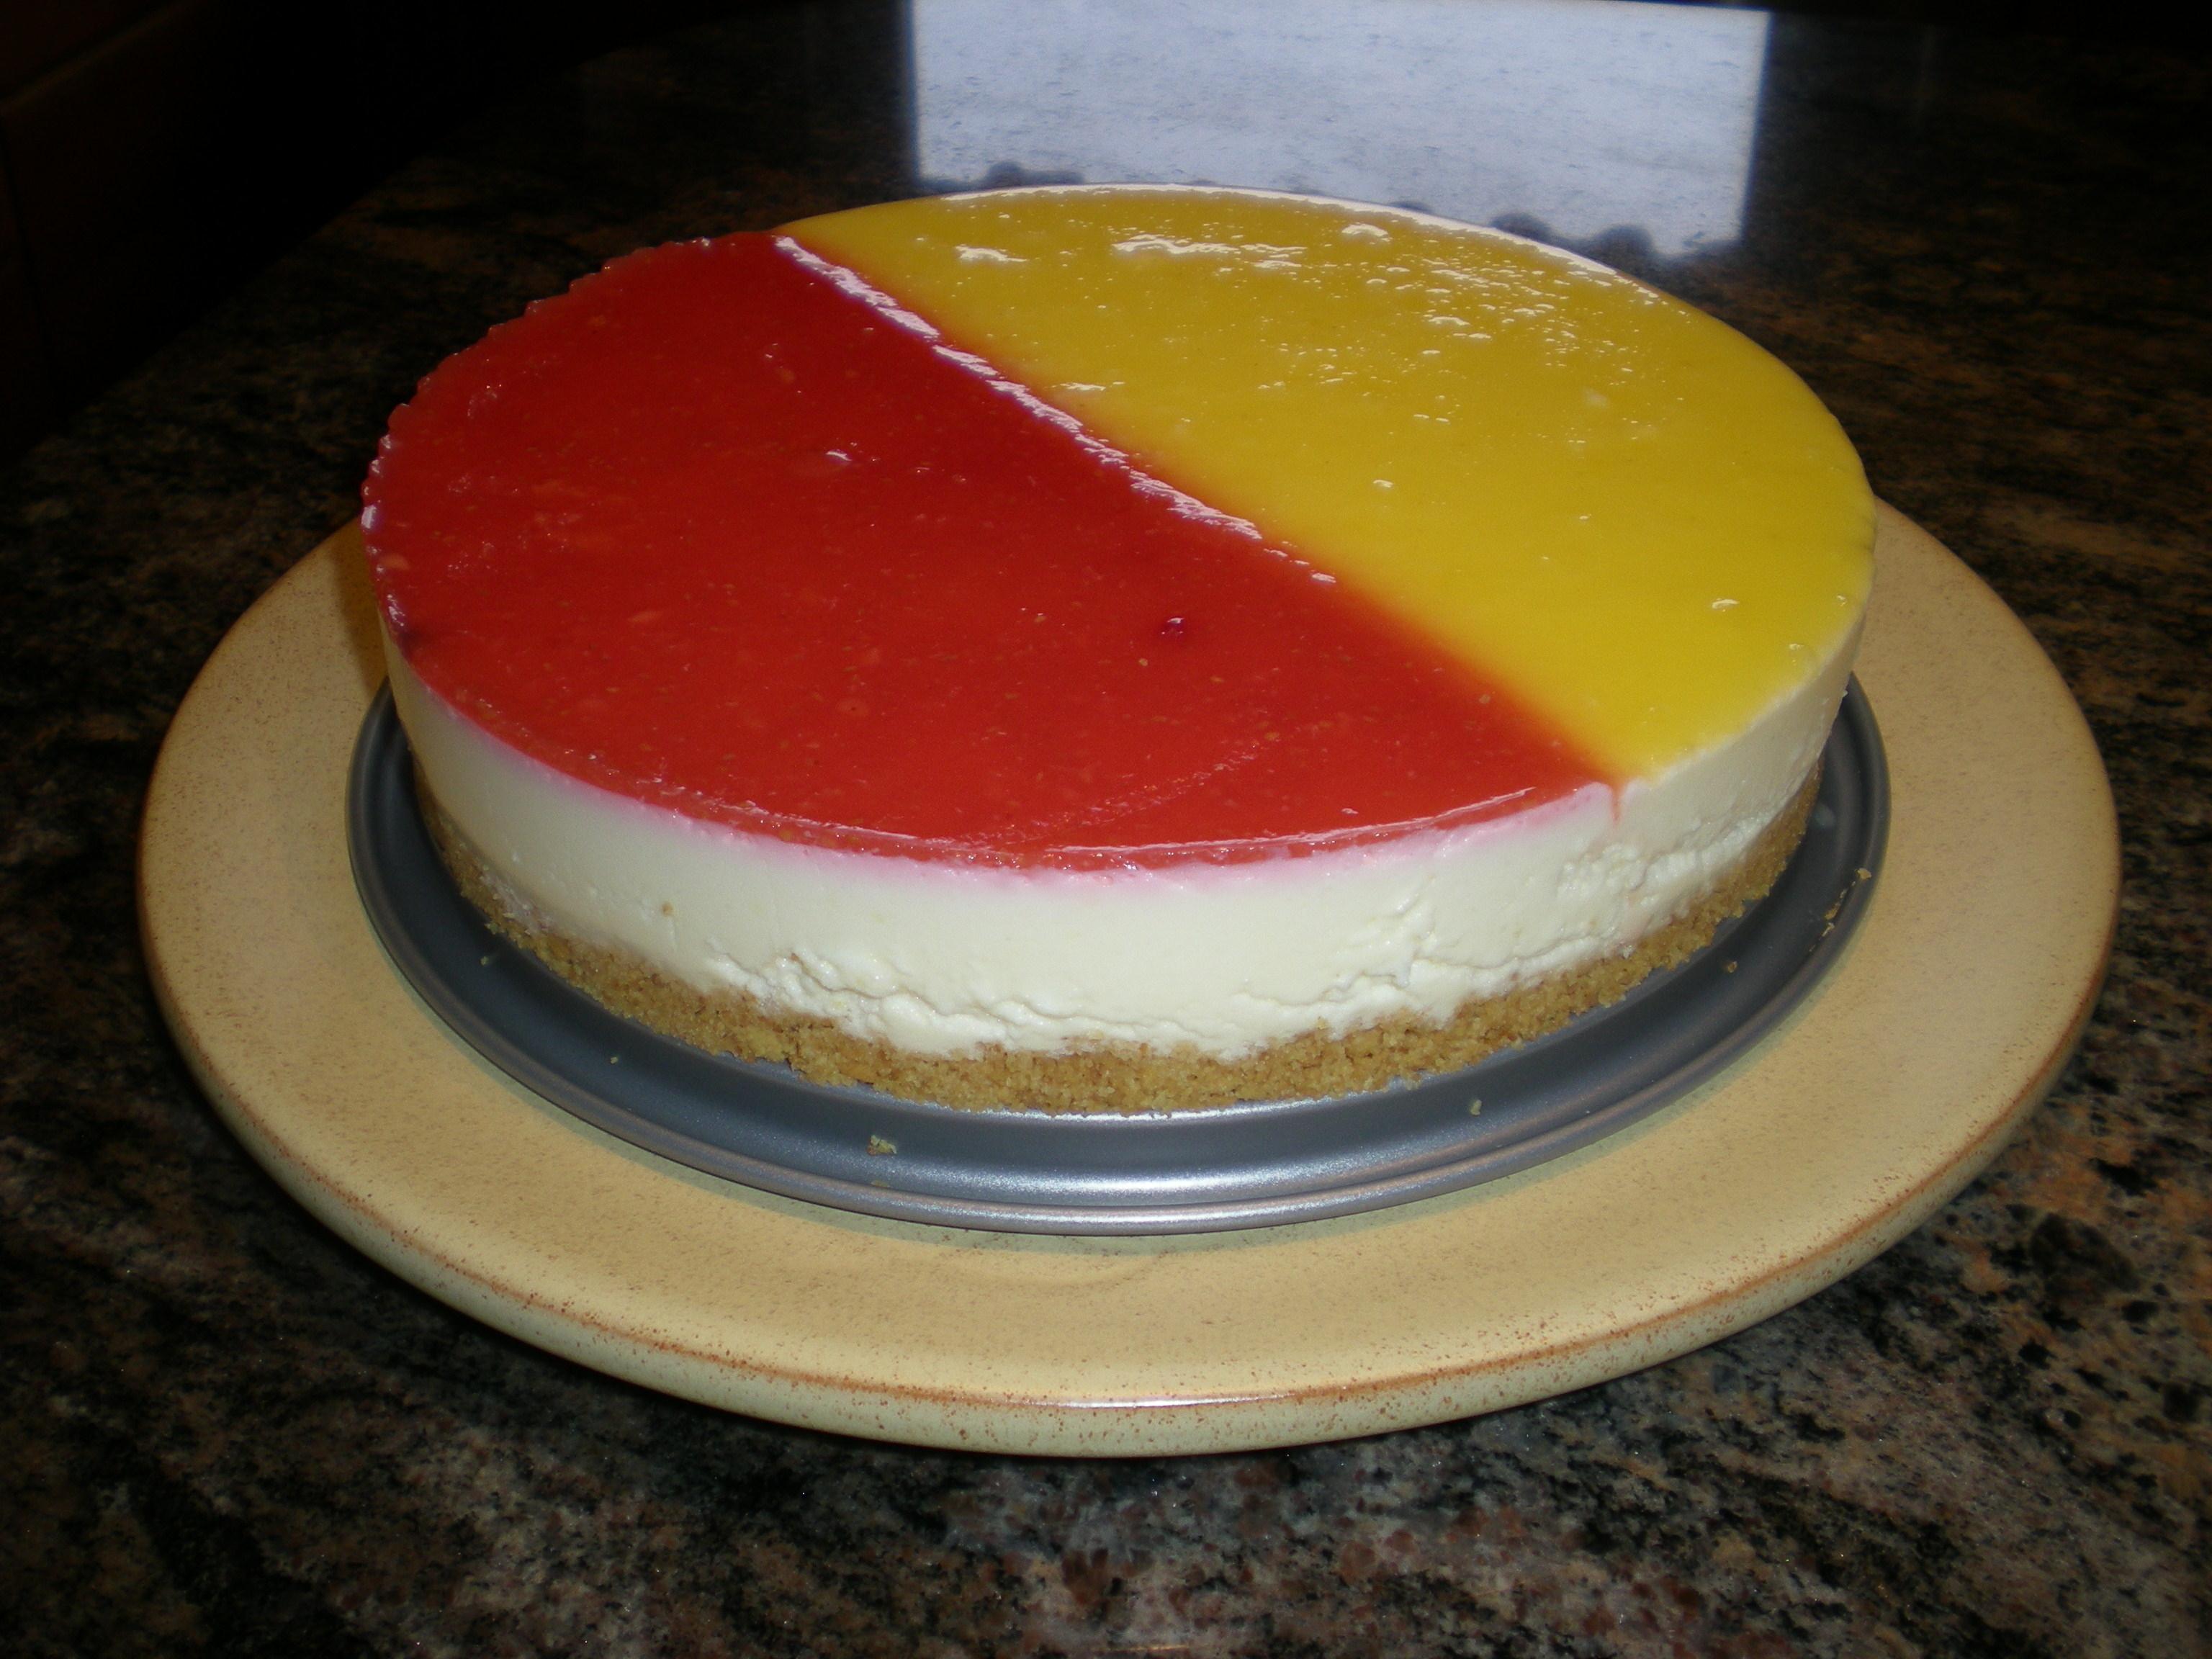 kex tårta